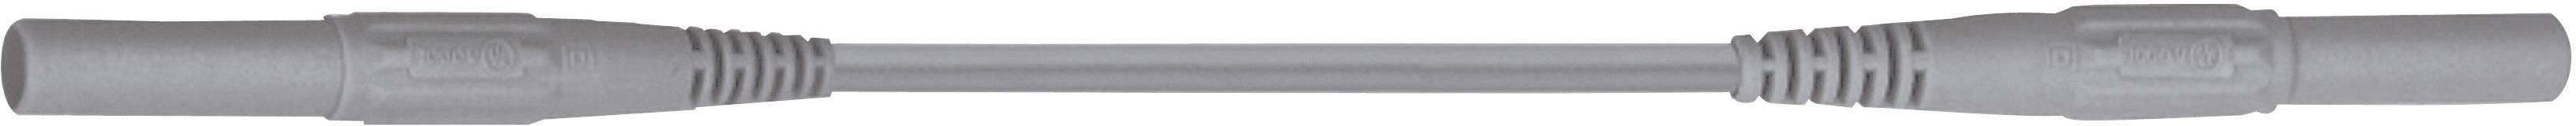 Merací kábel Multicontact XMF-419, 2,5 mm², 1,5 m, sivý